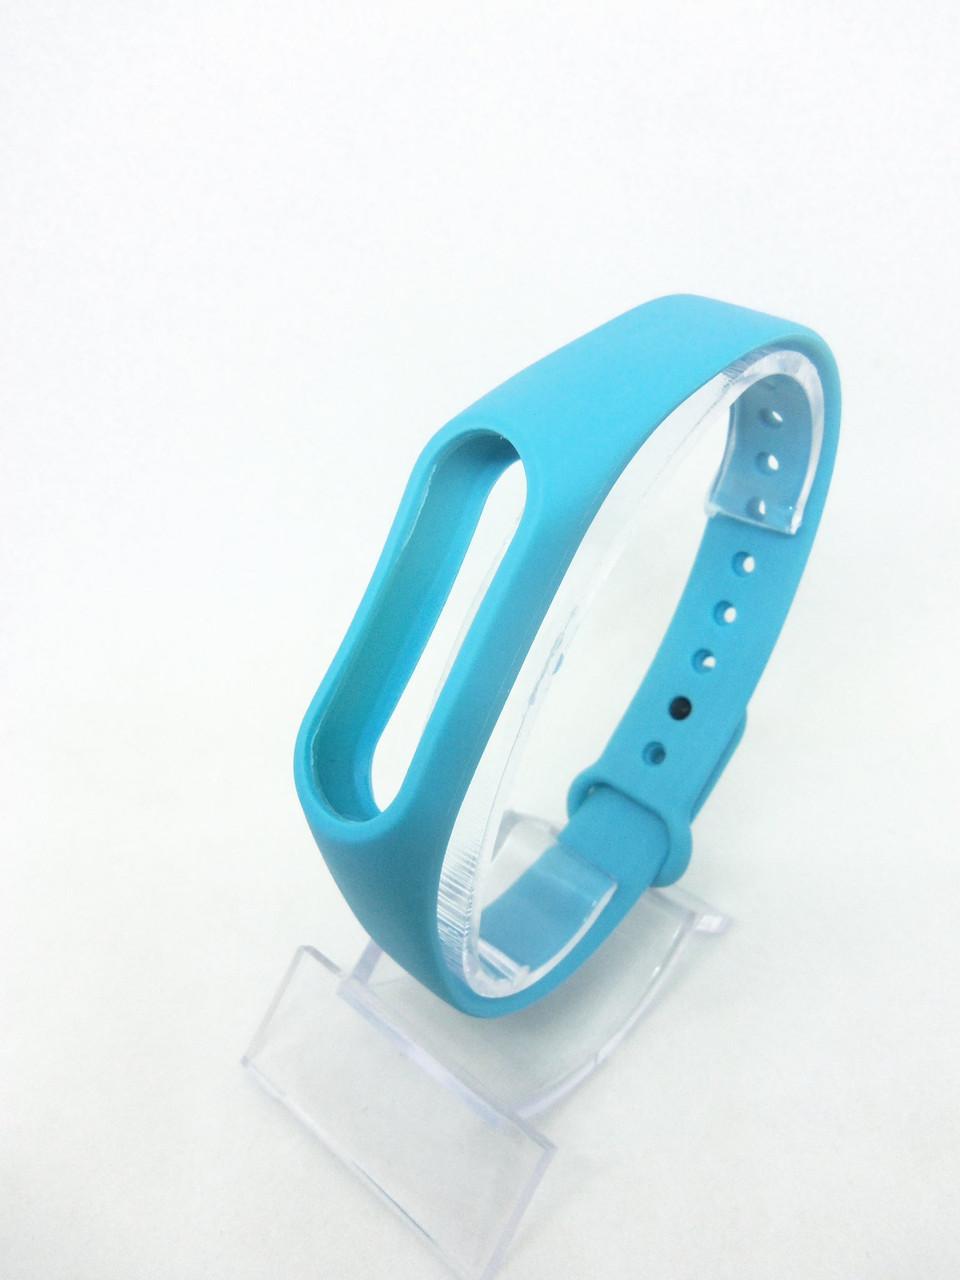 Силіконовий ремінець/браслет на Mi Band 2/MiBand 2/мі бенд 2 блакитний